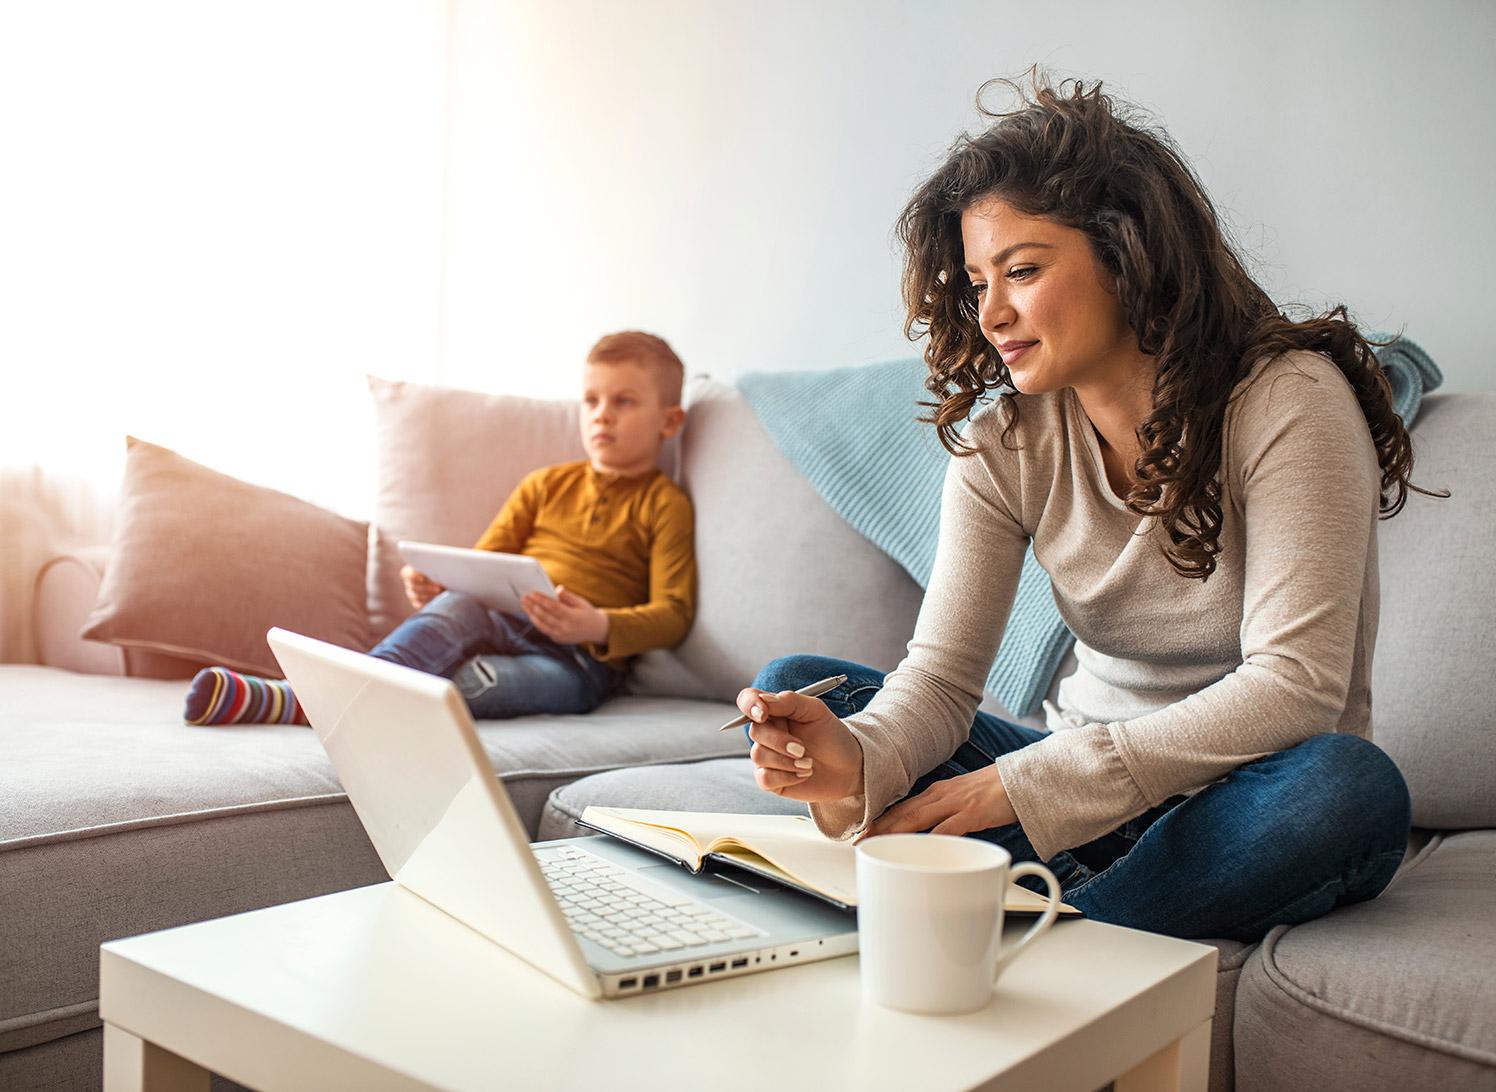 صدها هزار کانادایی ممکن است به خاطر دور کاری از خانه در دوران پاندمی تخفیف مالیاتی بگیرند